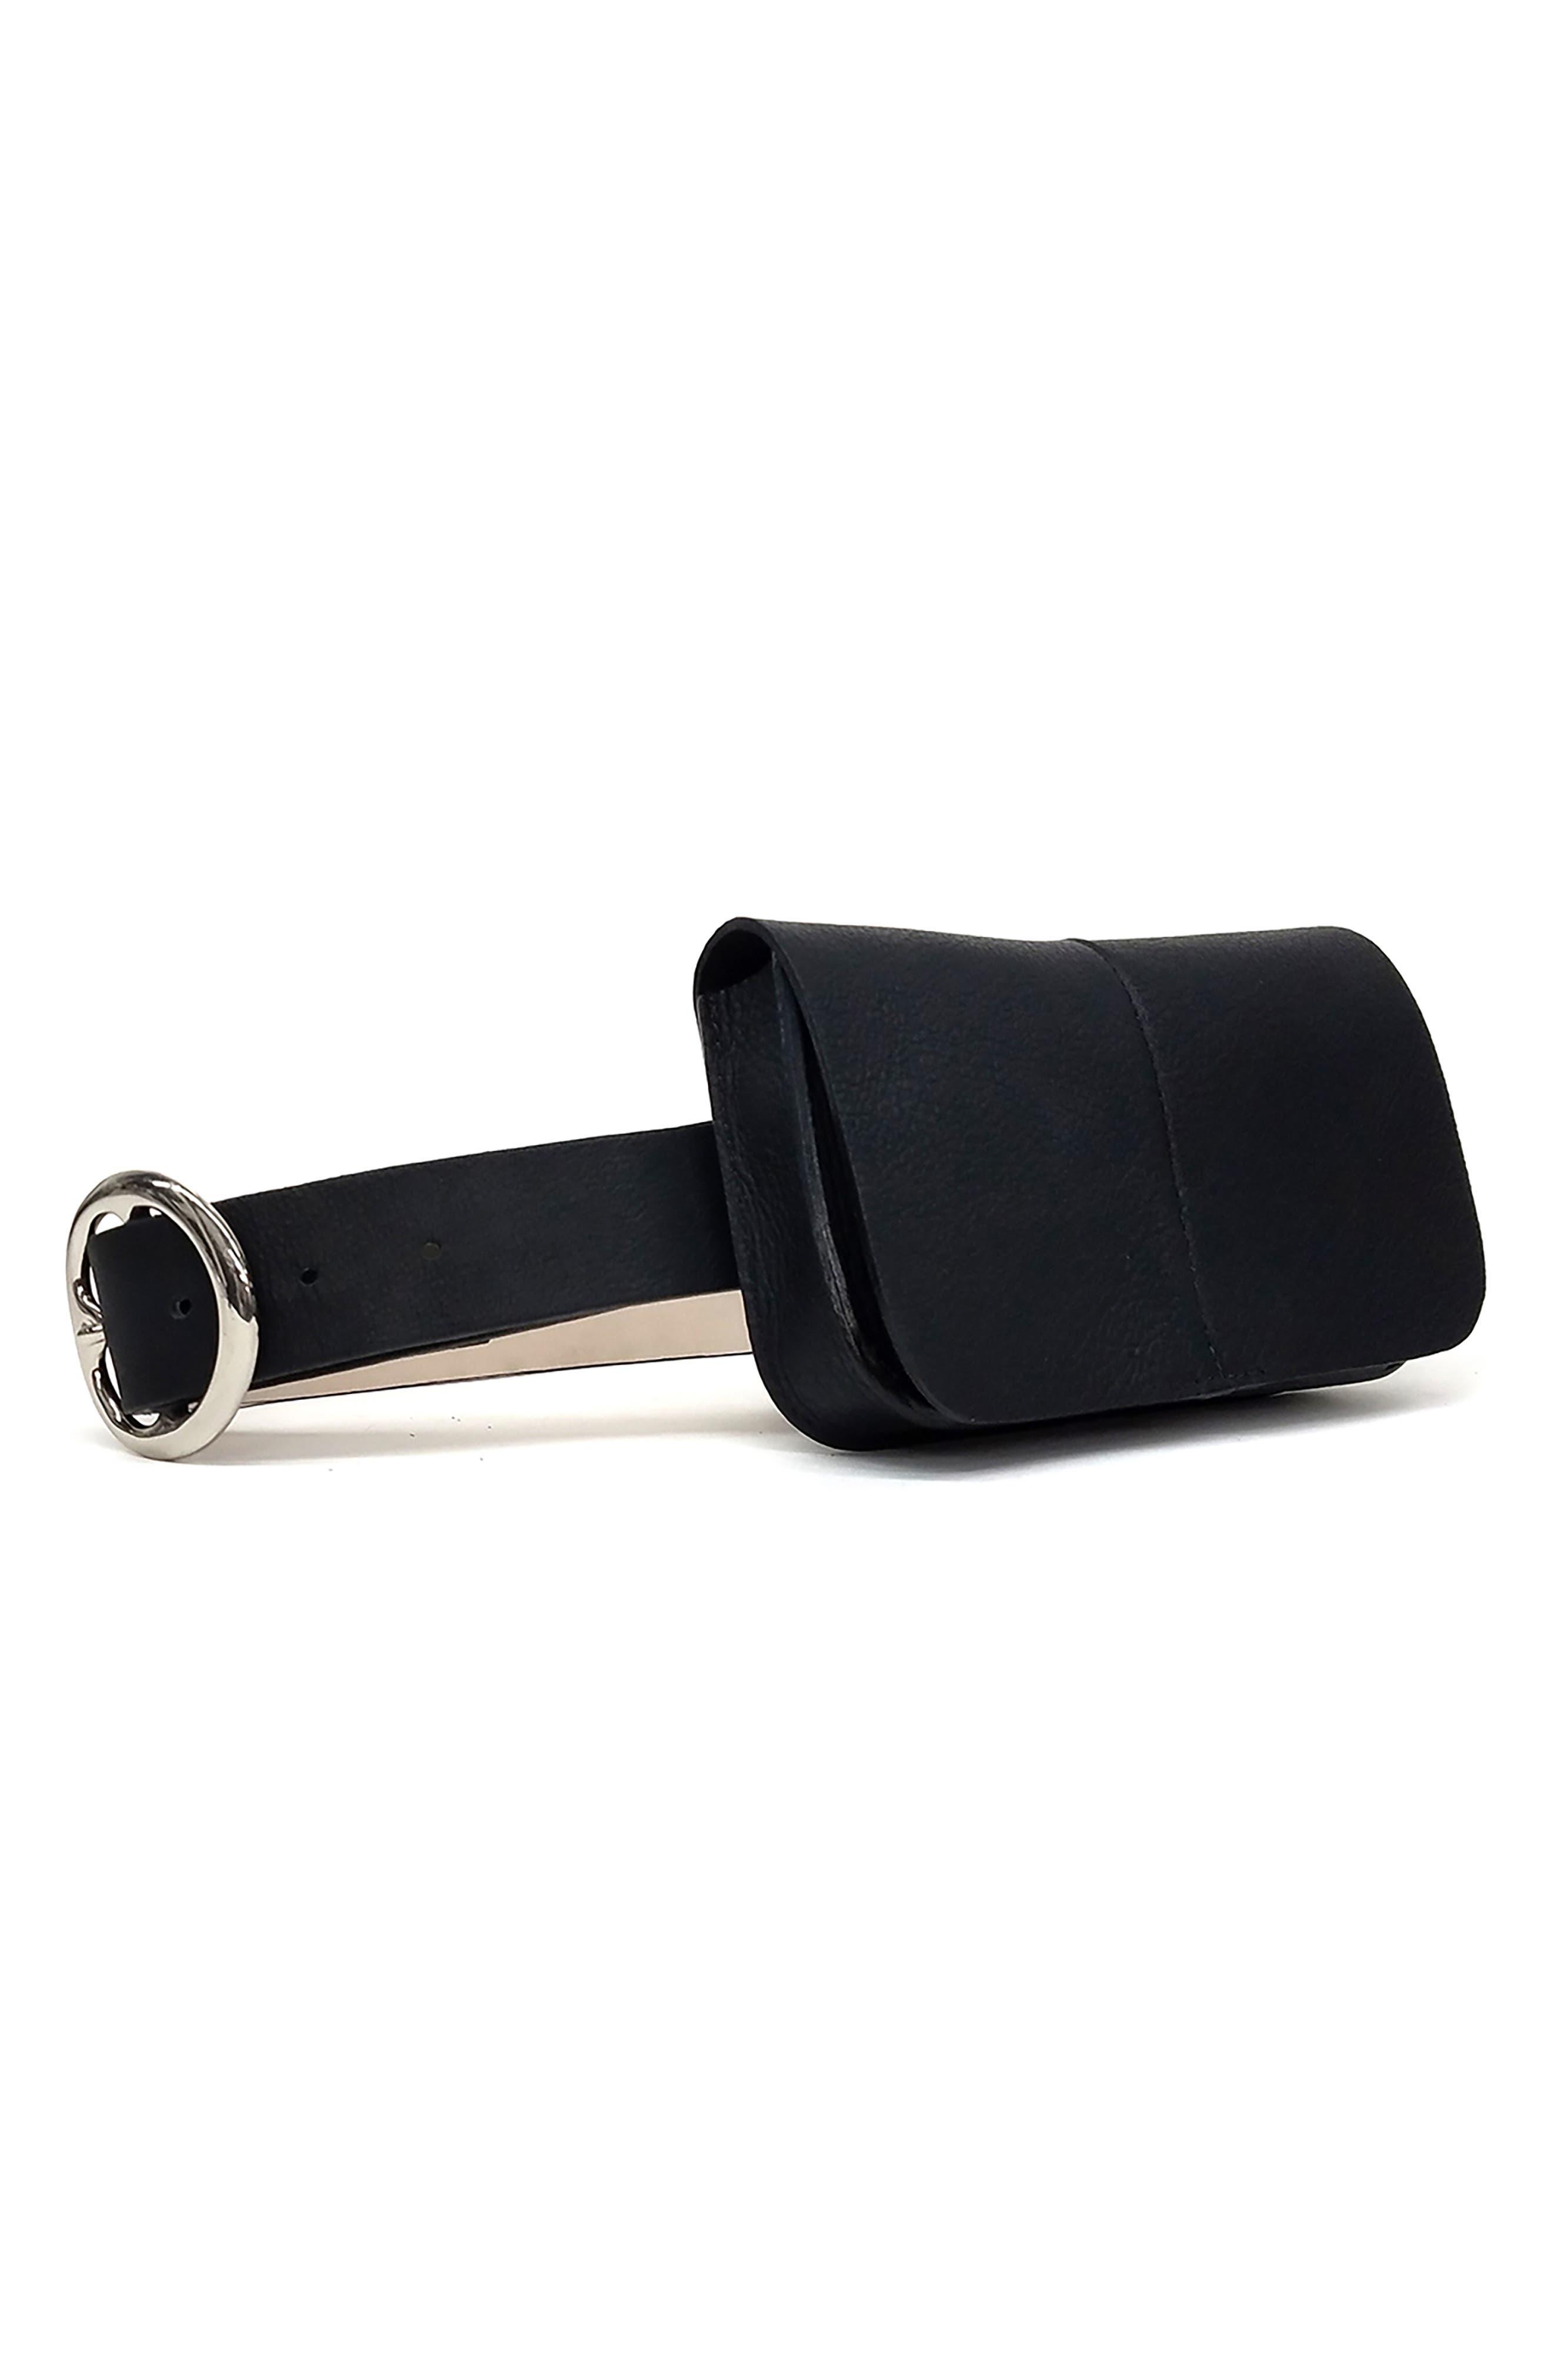 B-Low The Belt Sidney Leather Belt Bag, Black/ Silver